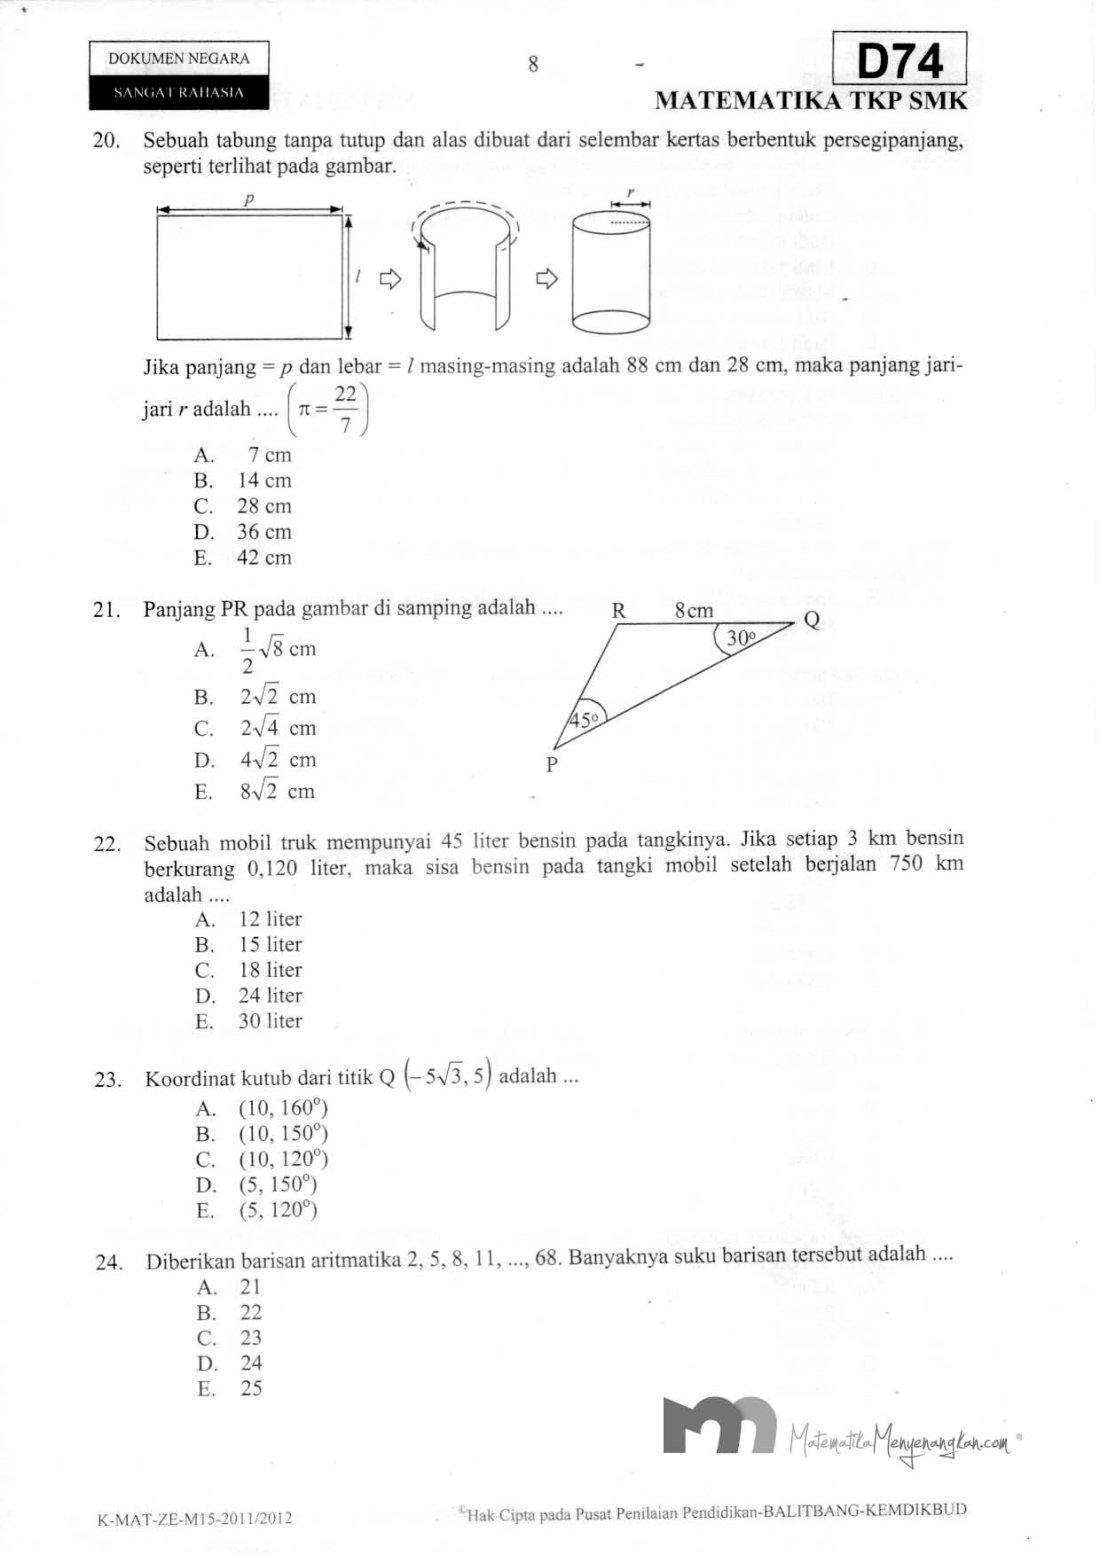 Soal Ujian Nasional SMK 2011/2012 SMK Matematika TKP - Halaman 8